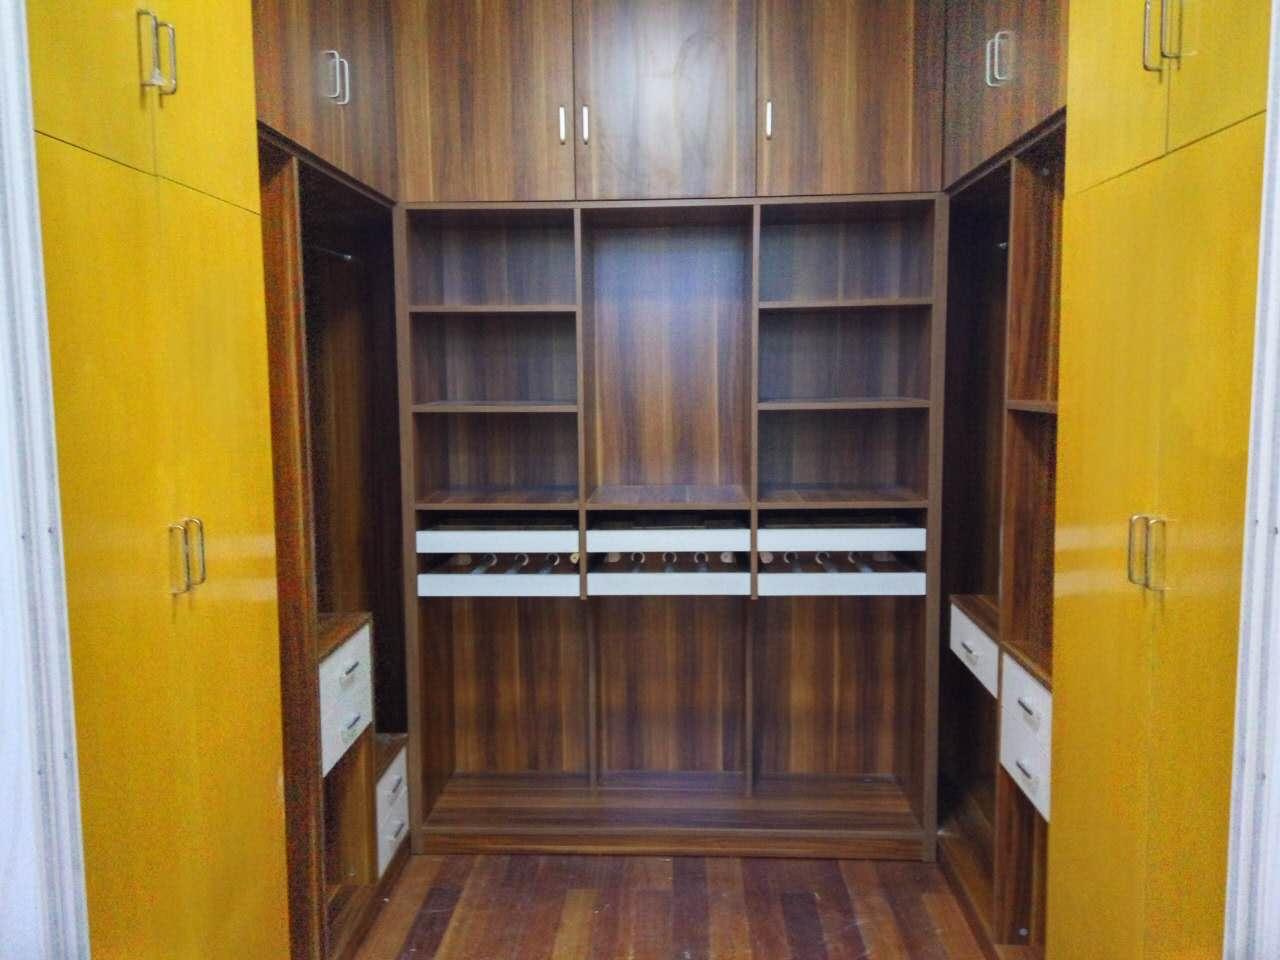 多层板式更衣柜 多功能储物柜 免费配送安装 WJG160613